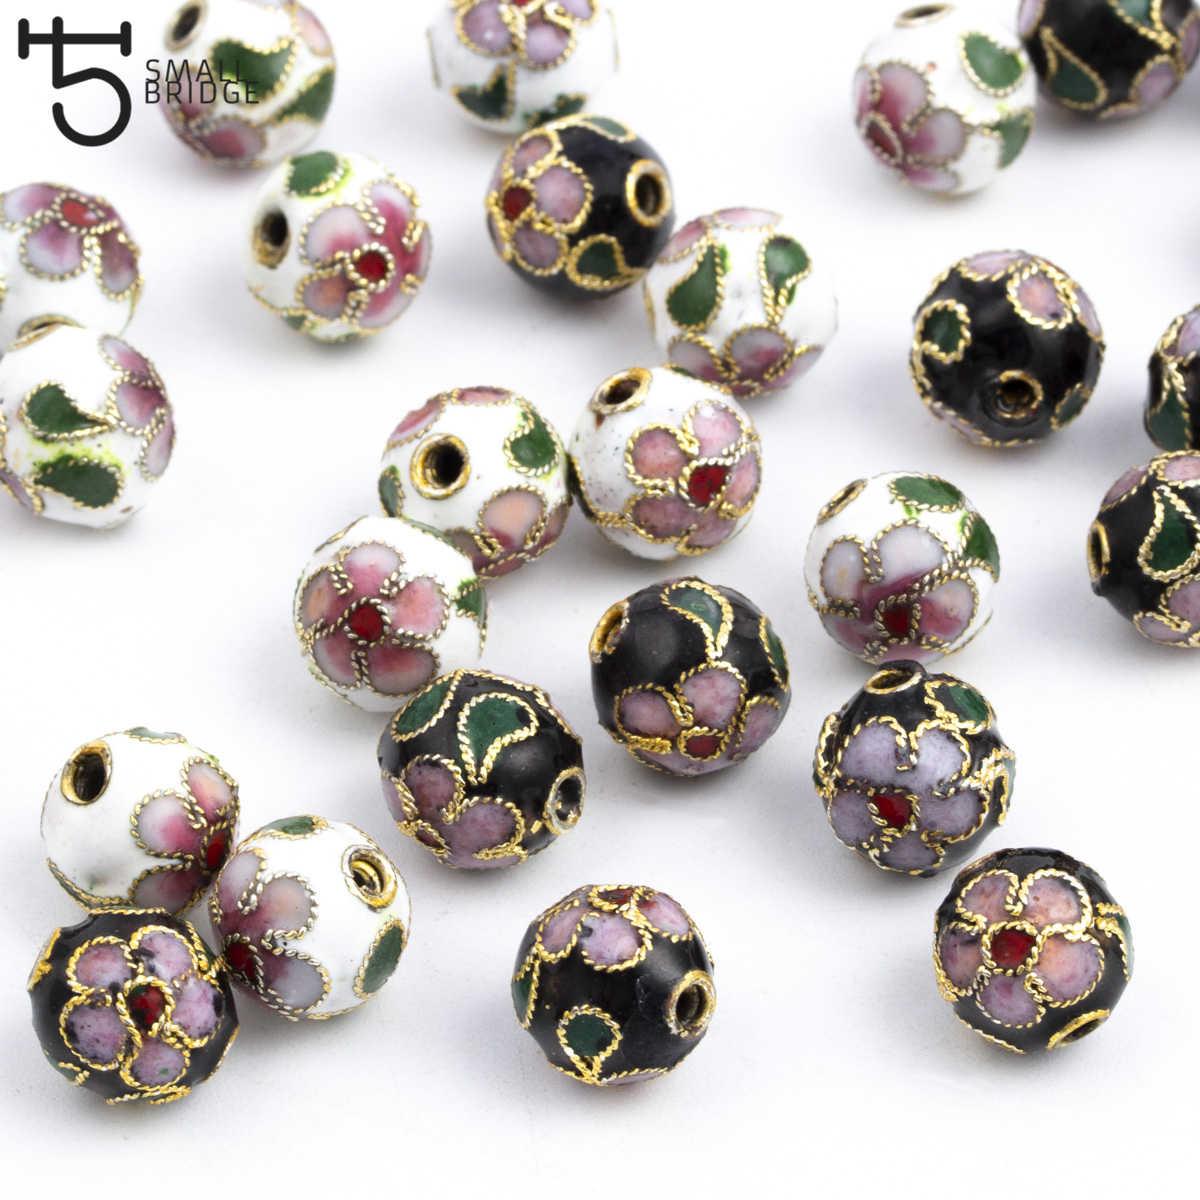 8/10/12mm cuivre émail perles breloques pour la fabrication de bijoux bricolage accessoires pour femme cloisonné entretoise perles en gros M502